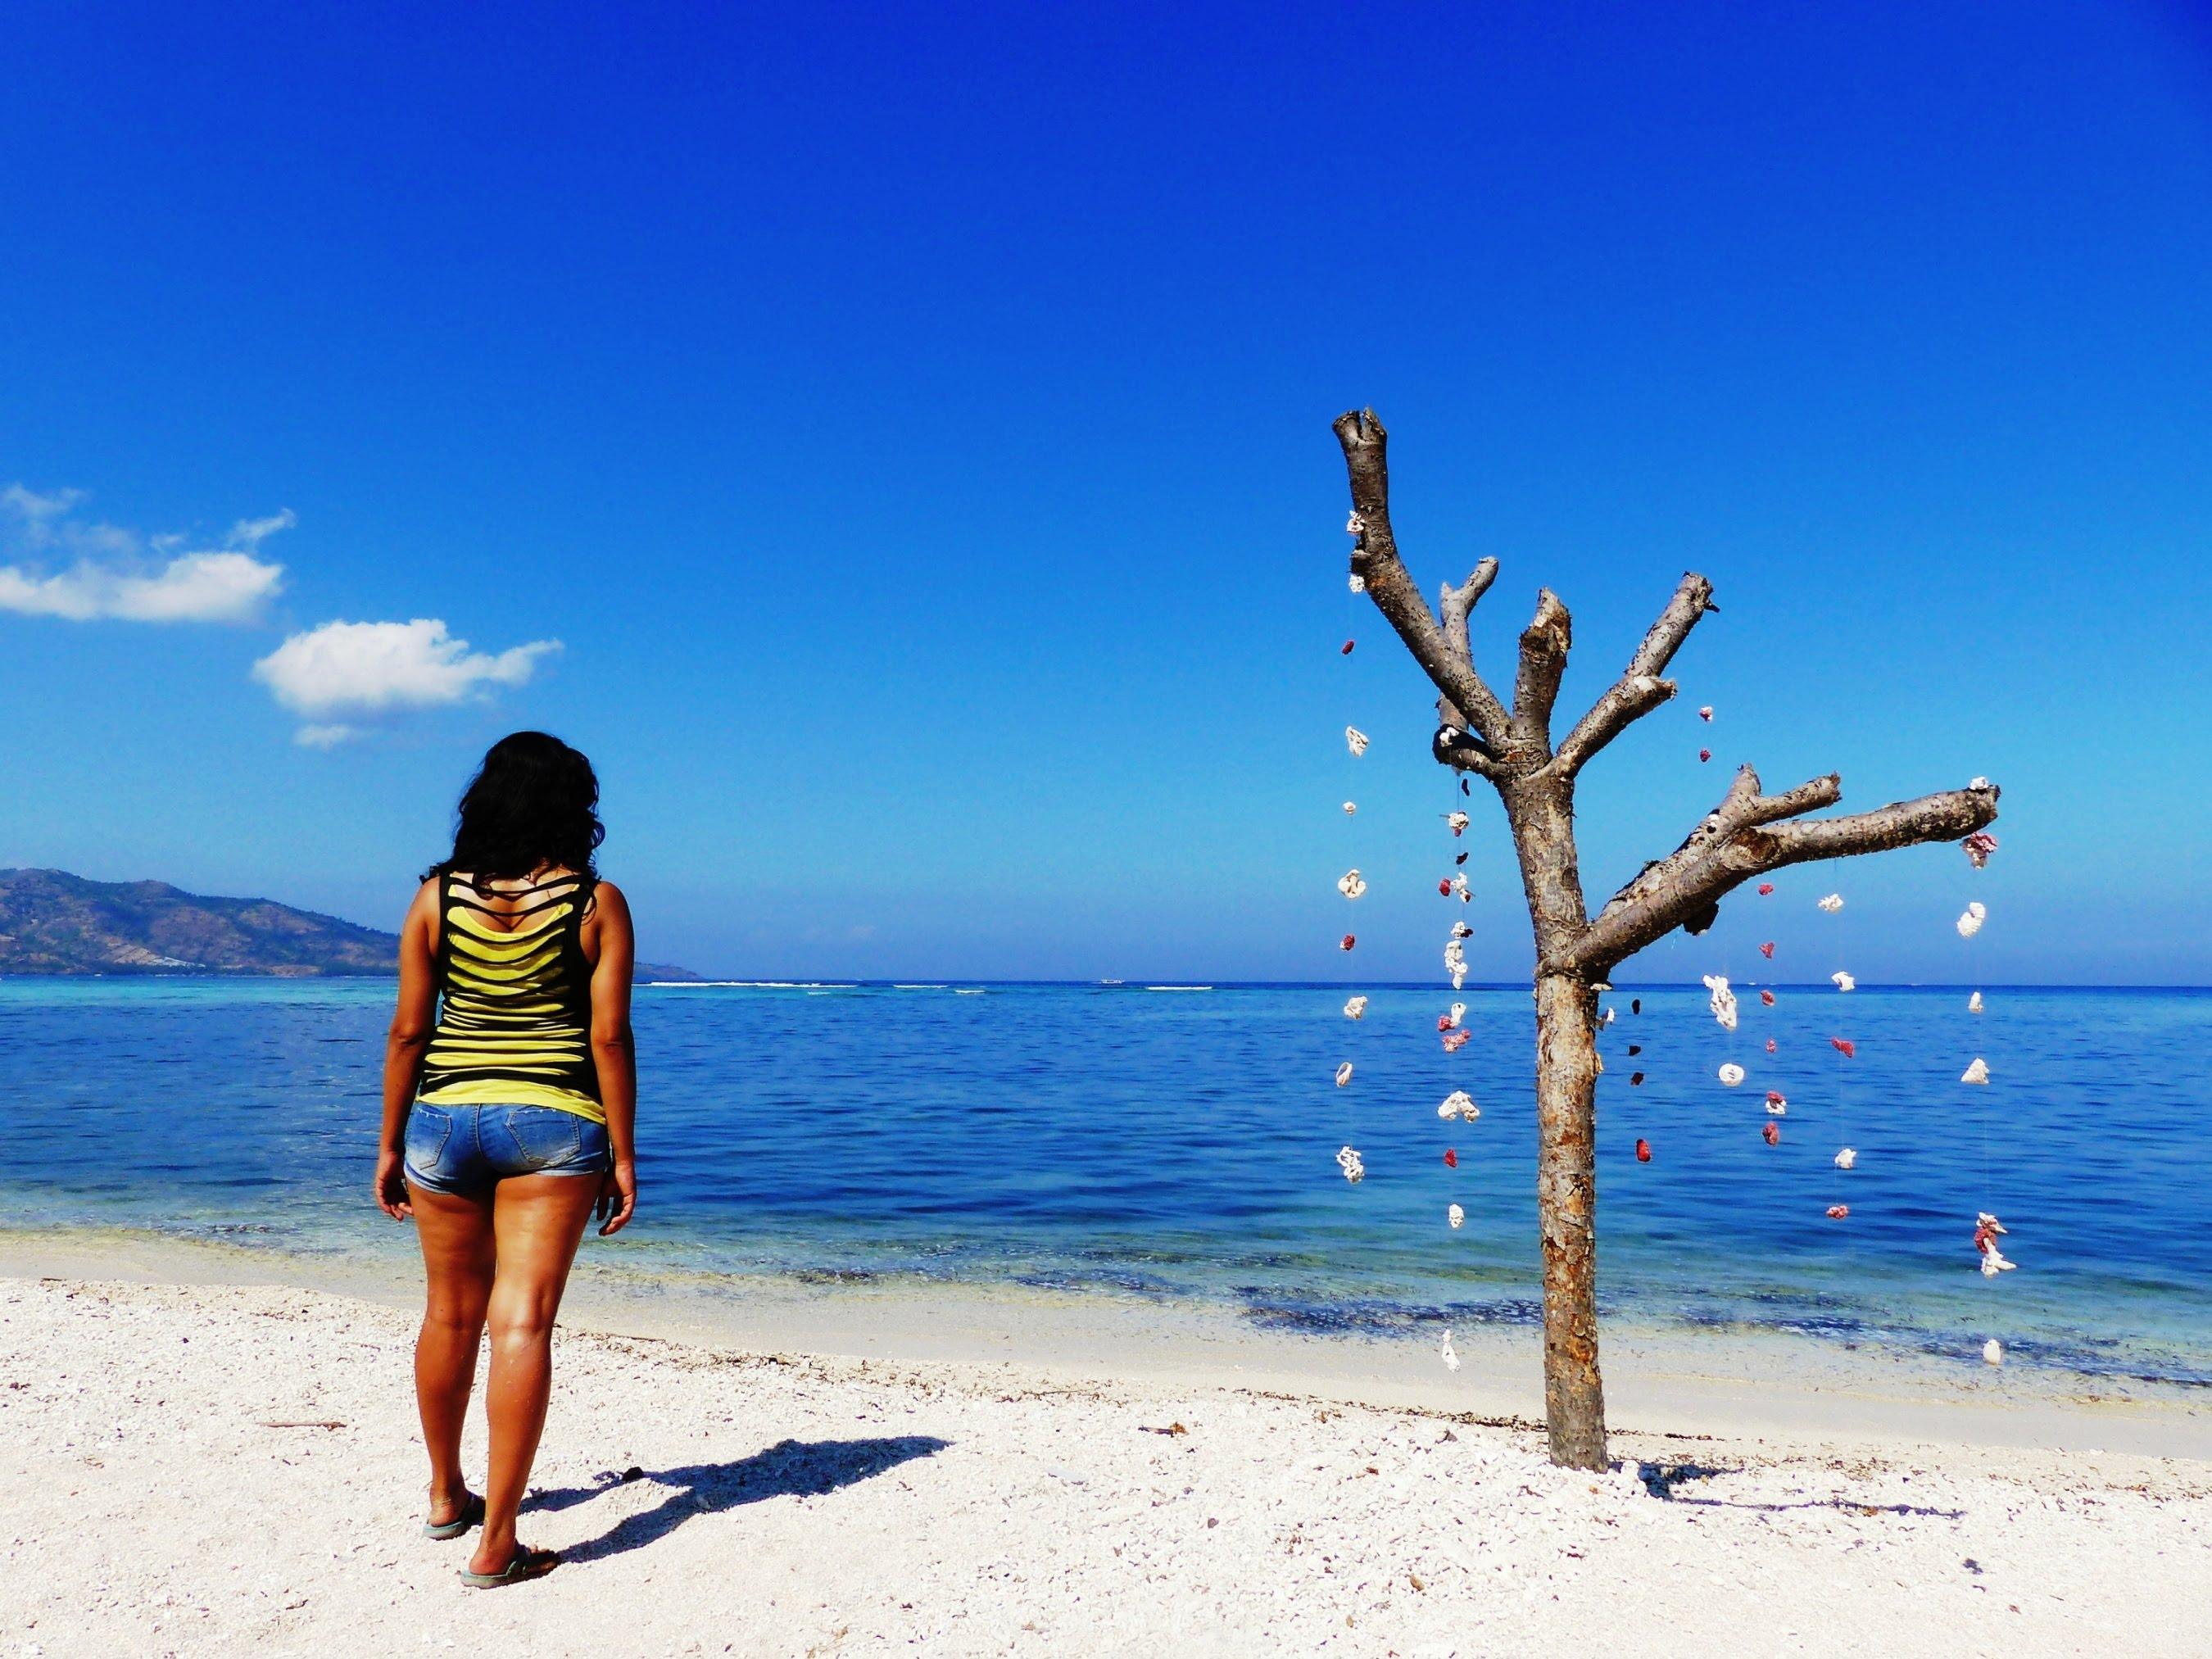 Gili Air beach, Gili Islands, Lombok, Indonesia